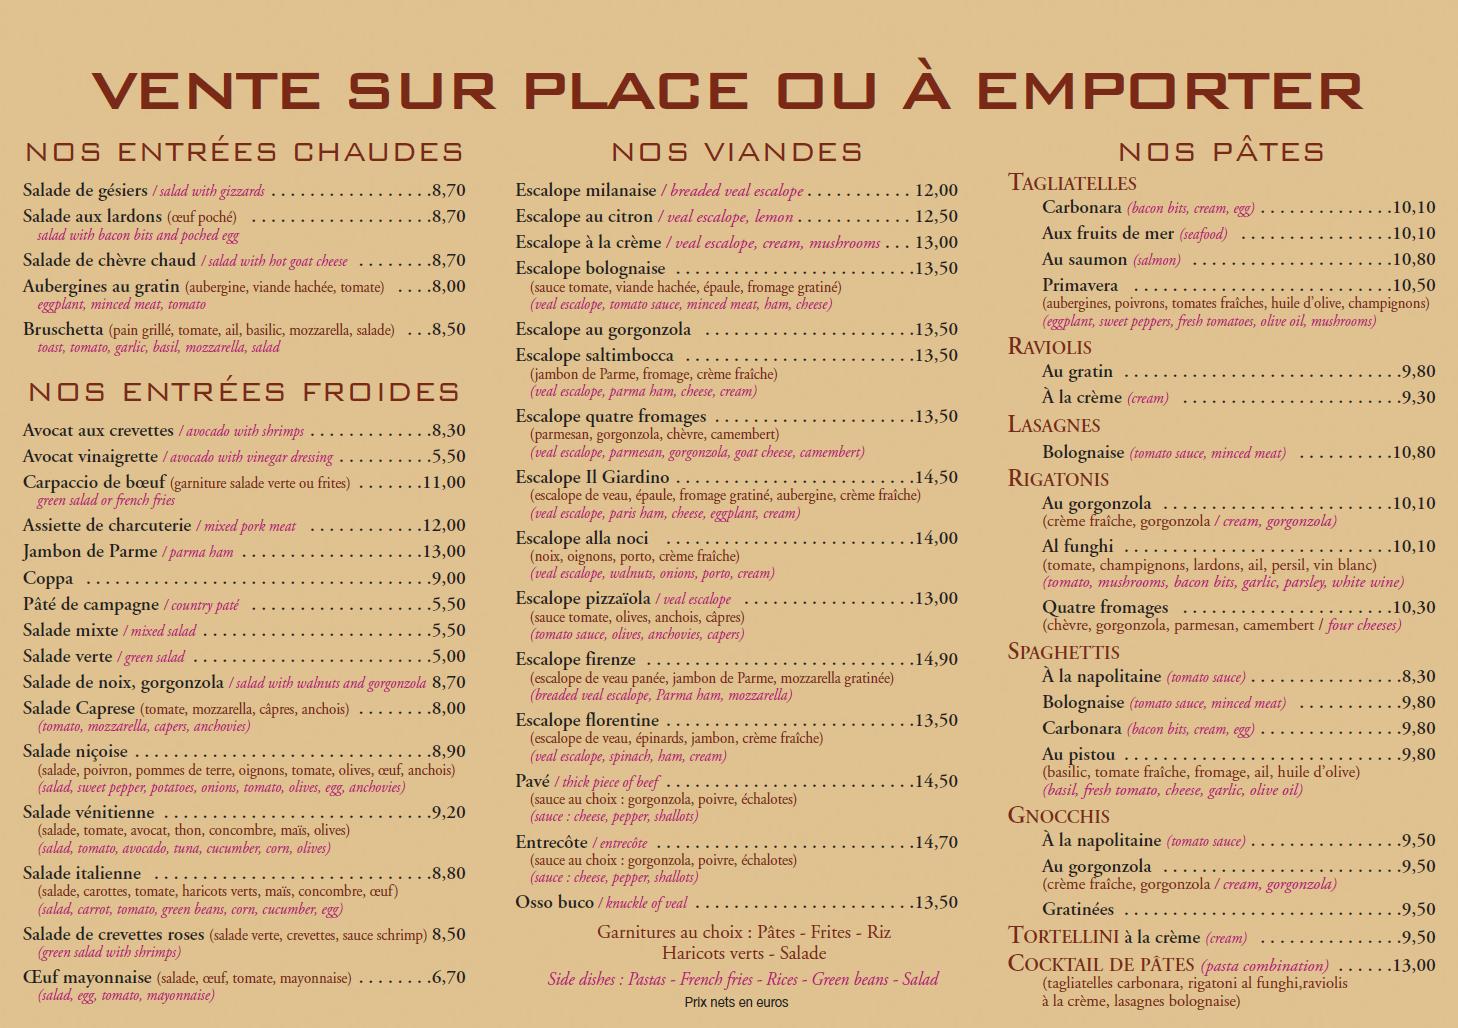 Cliquez Sur Les Images Ci Dessous Pour Visualiser Notre Nouvelle Carte Speciale Ete Des Plats Et Pizzas A Emporter